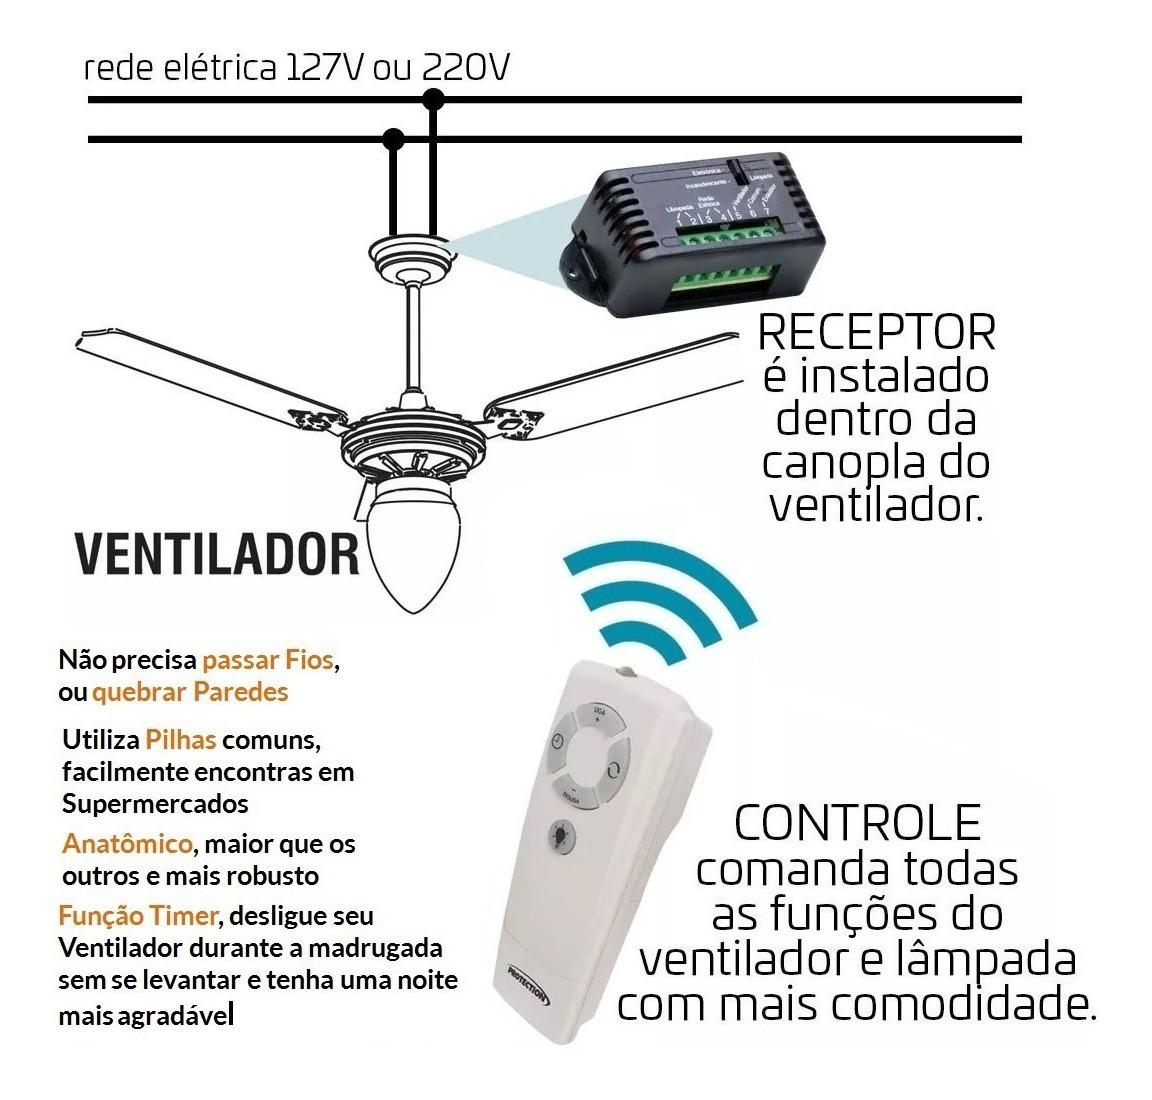 CONTROLE REMOTO UNIVERSAL INFRAVERMELHO P/ VENTILADOR